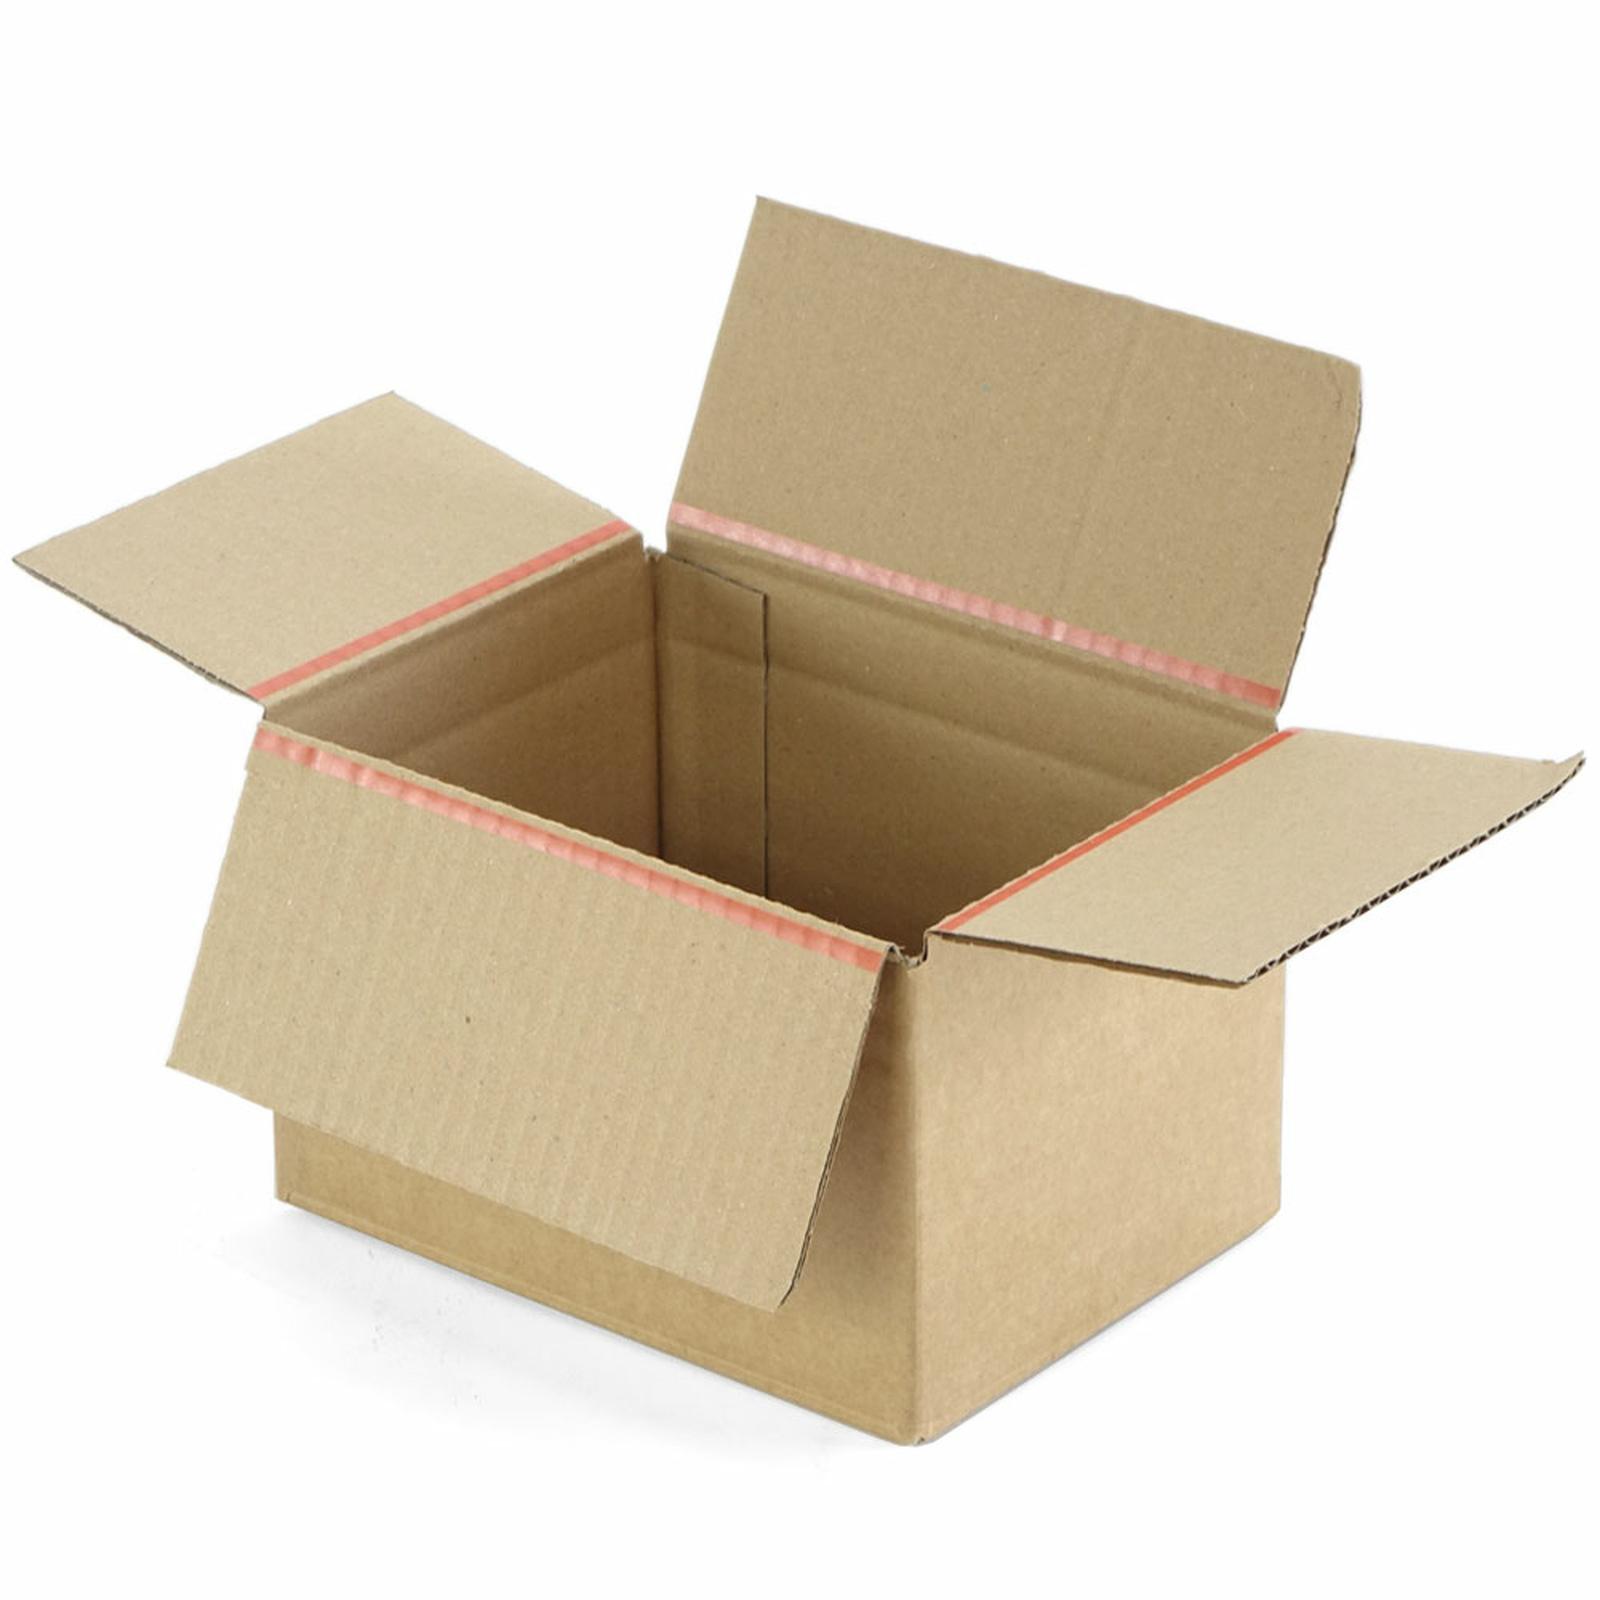 fix aufrichtekartons 390x290x160 250 mm g nstig kaufen 1 00. Black Bedroom Furniture Sets. Home Design Ideas